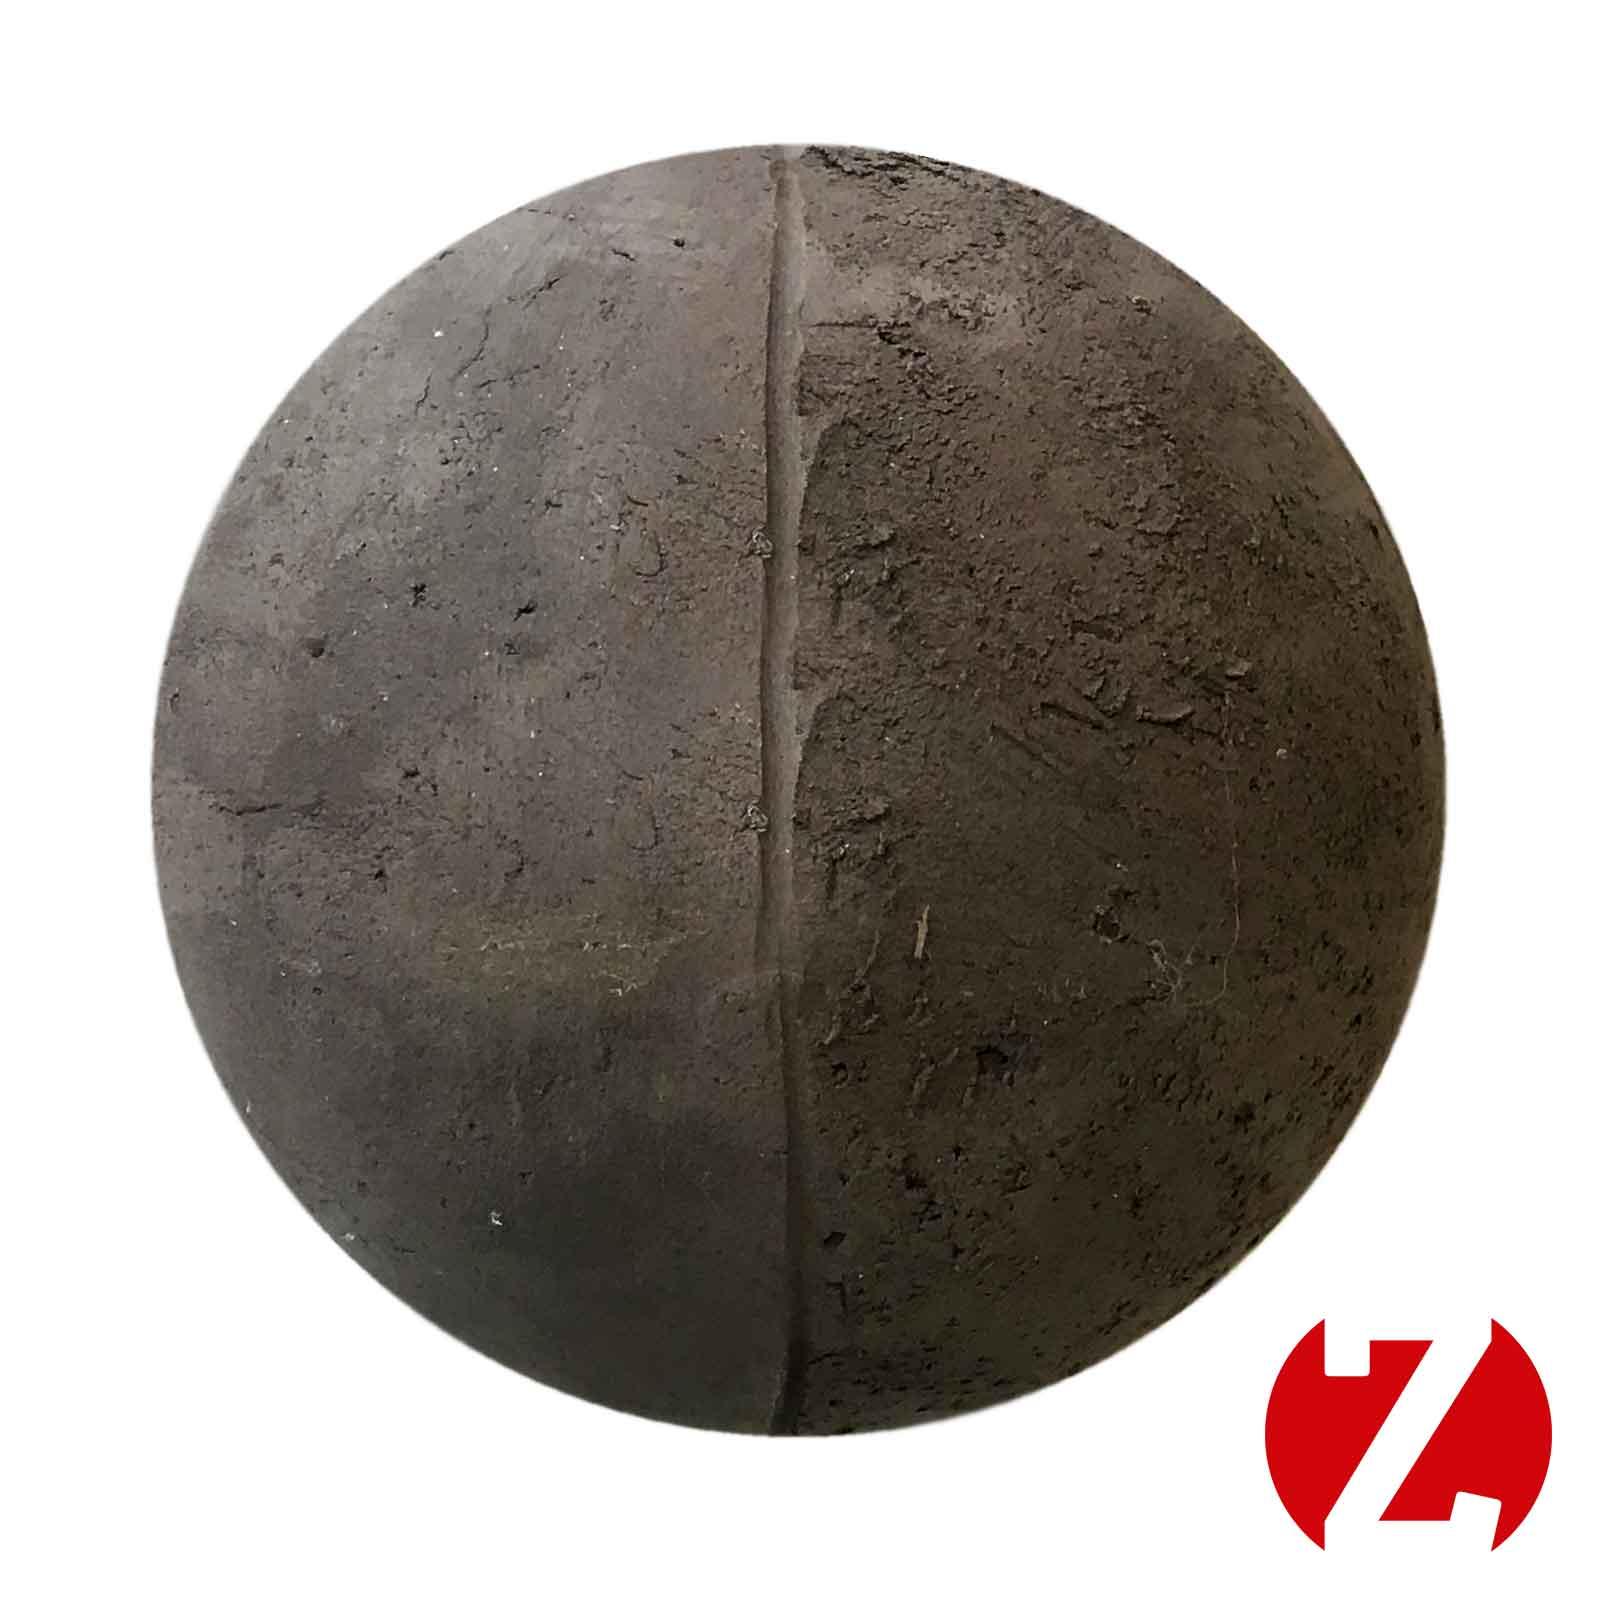 Galestro Grey bei 1050 C